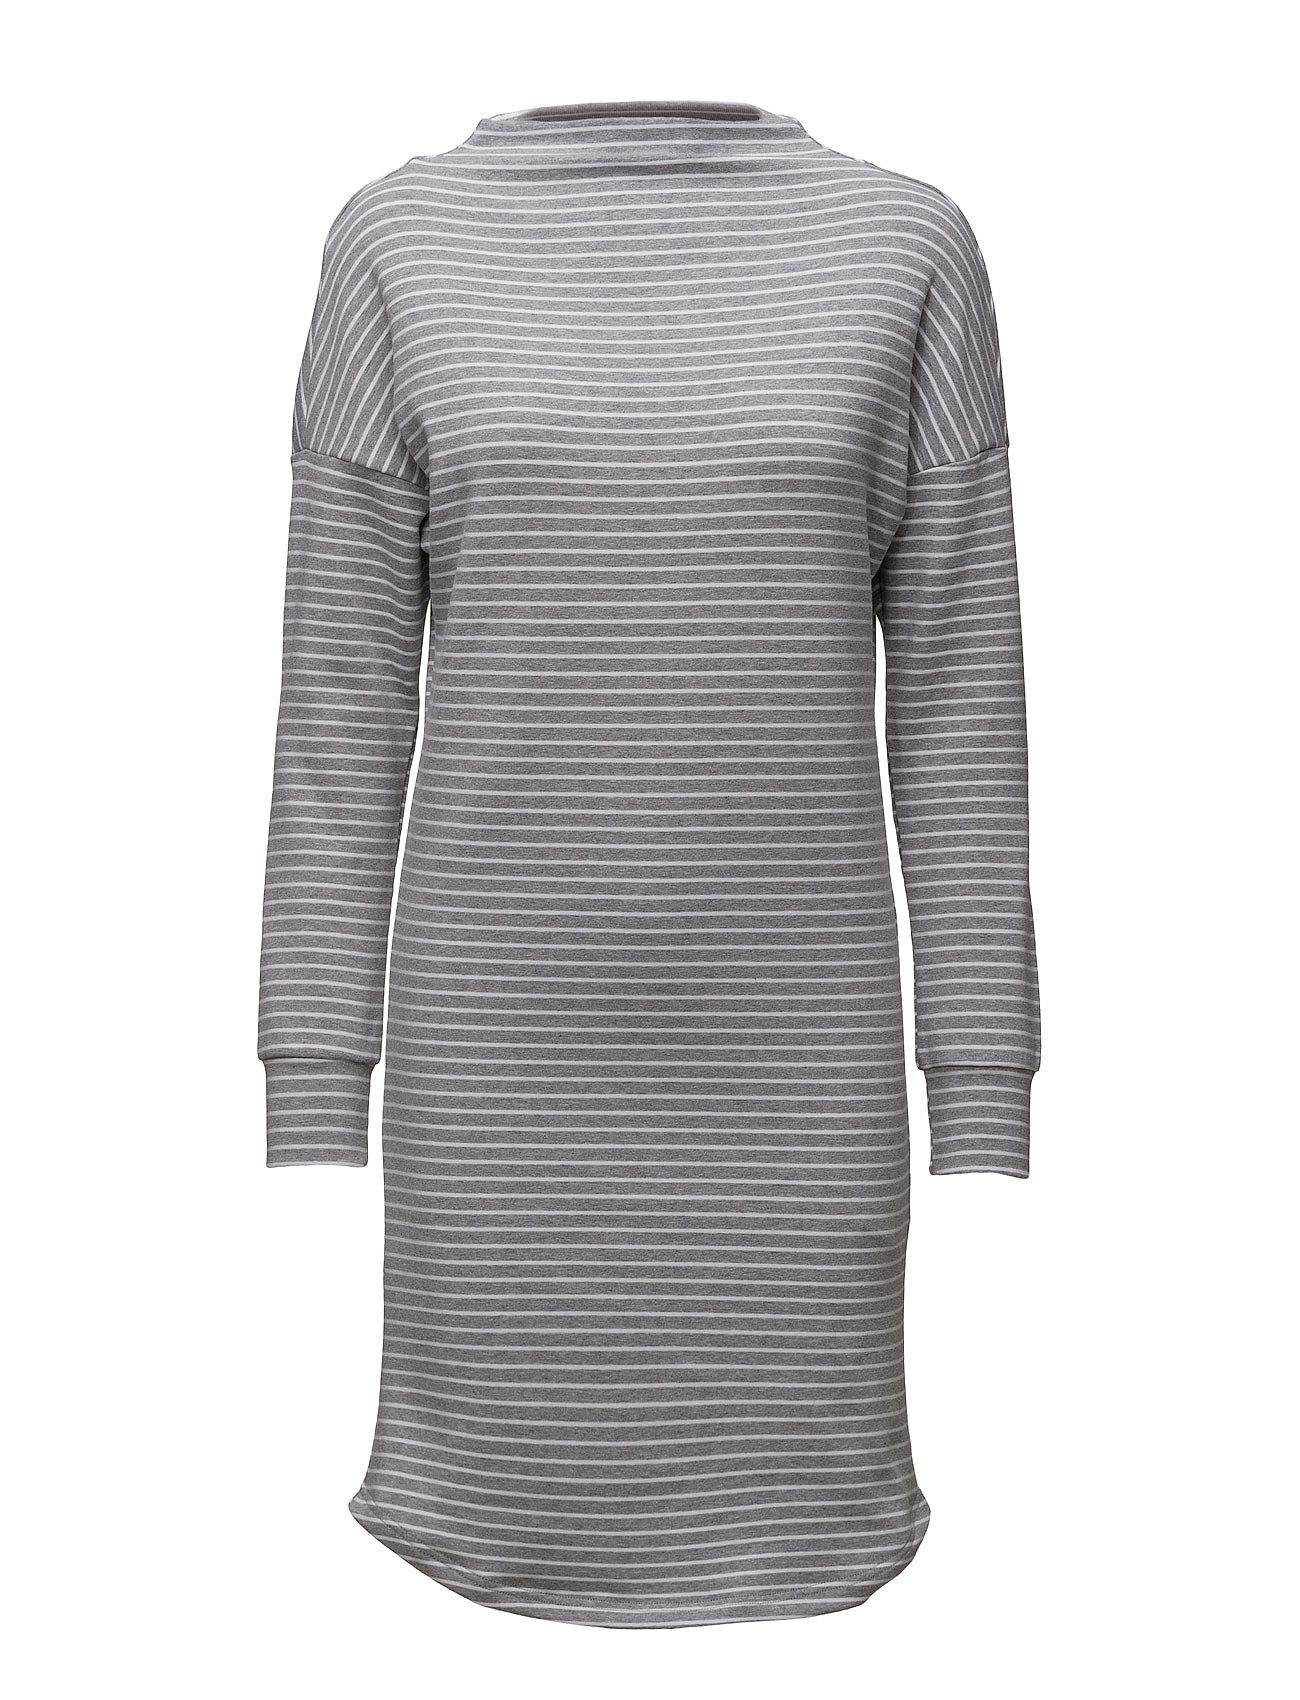 Vara Dress Soft Rebels Knælange & mellemlange til Kvinder i 003 Light Grey